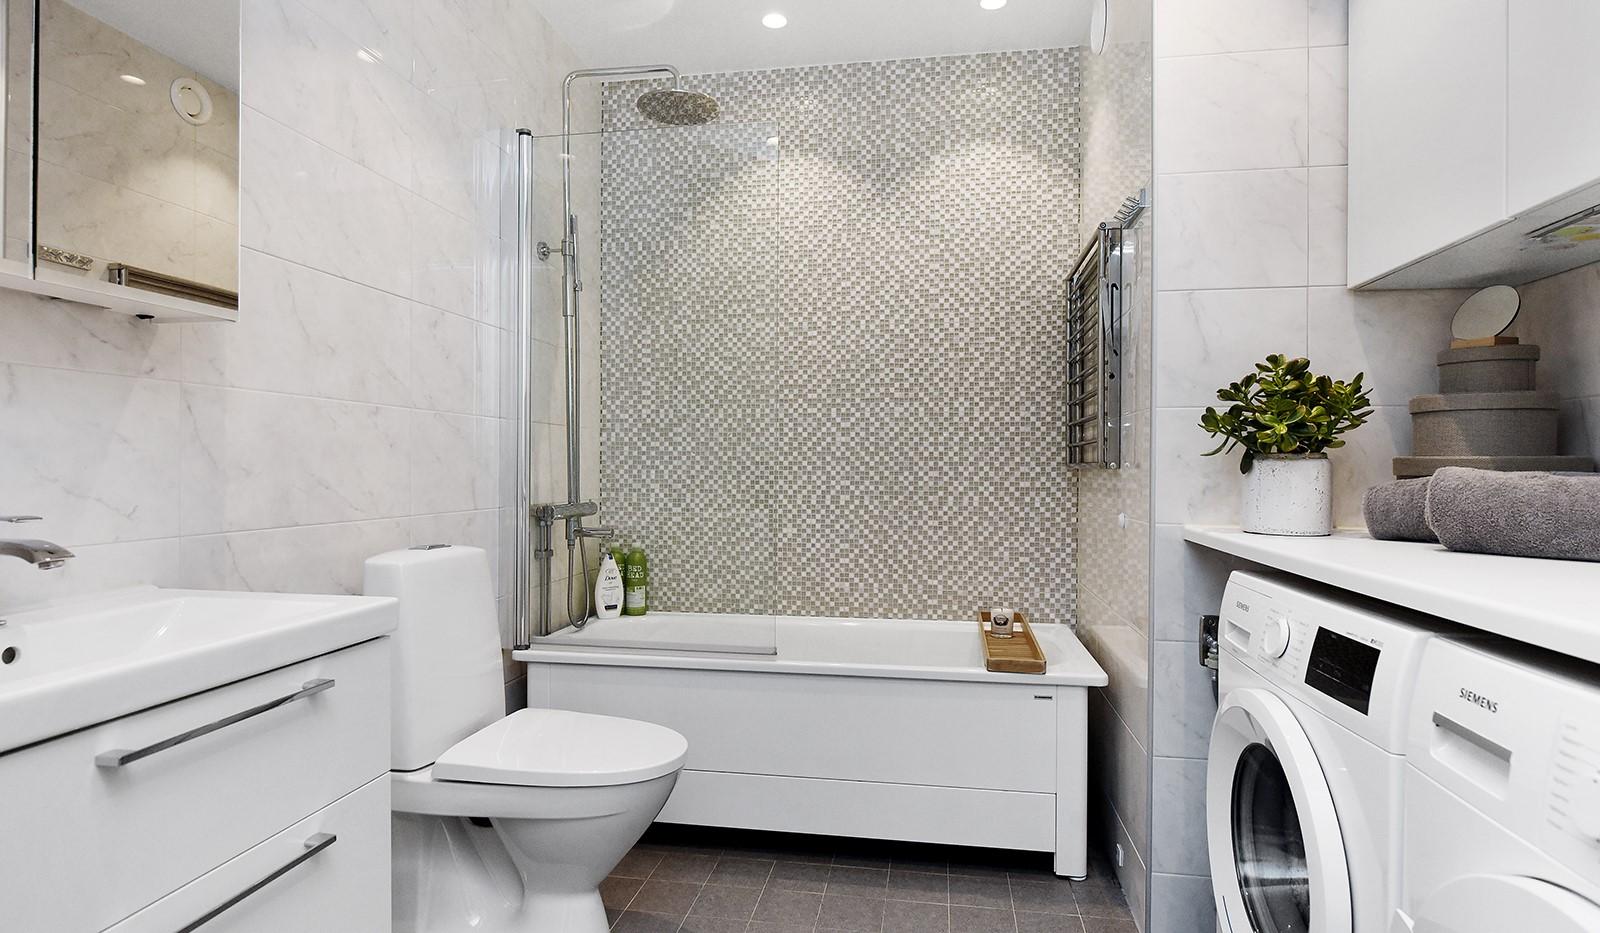 Ekfatsgatan 4, 4 tr - Toppmdernt badrum med stilrena materialval